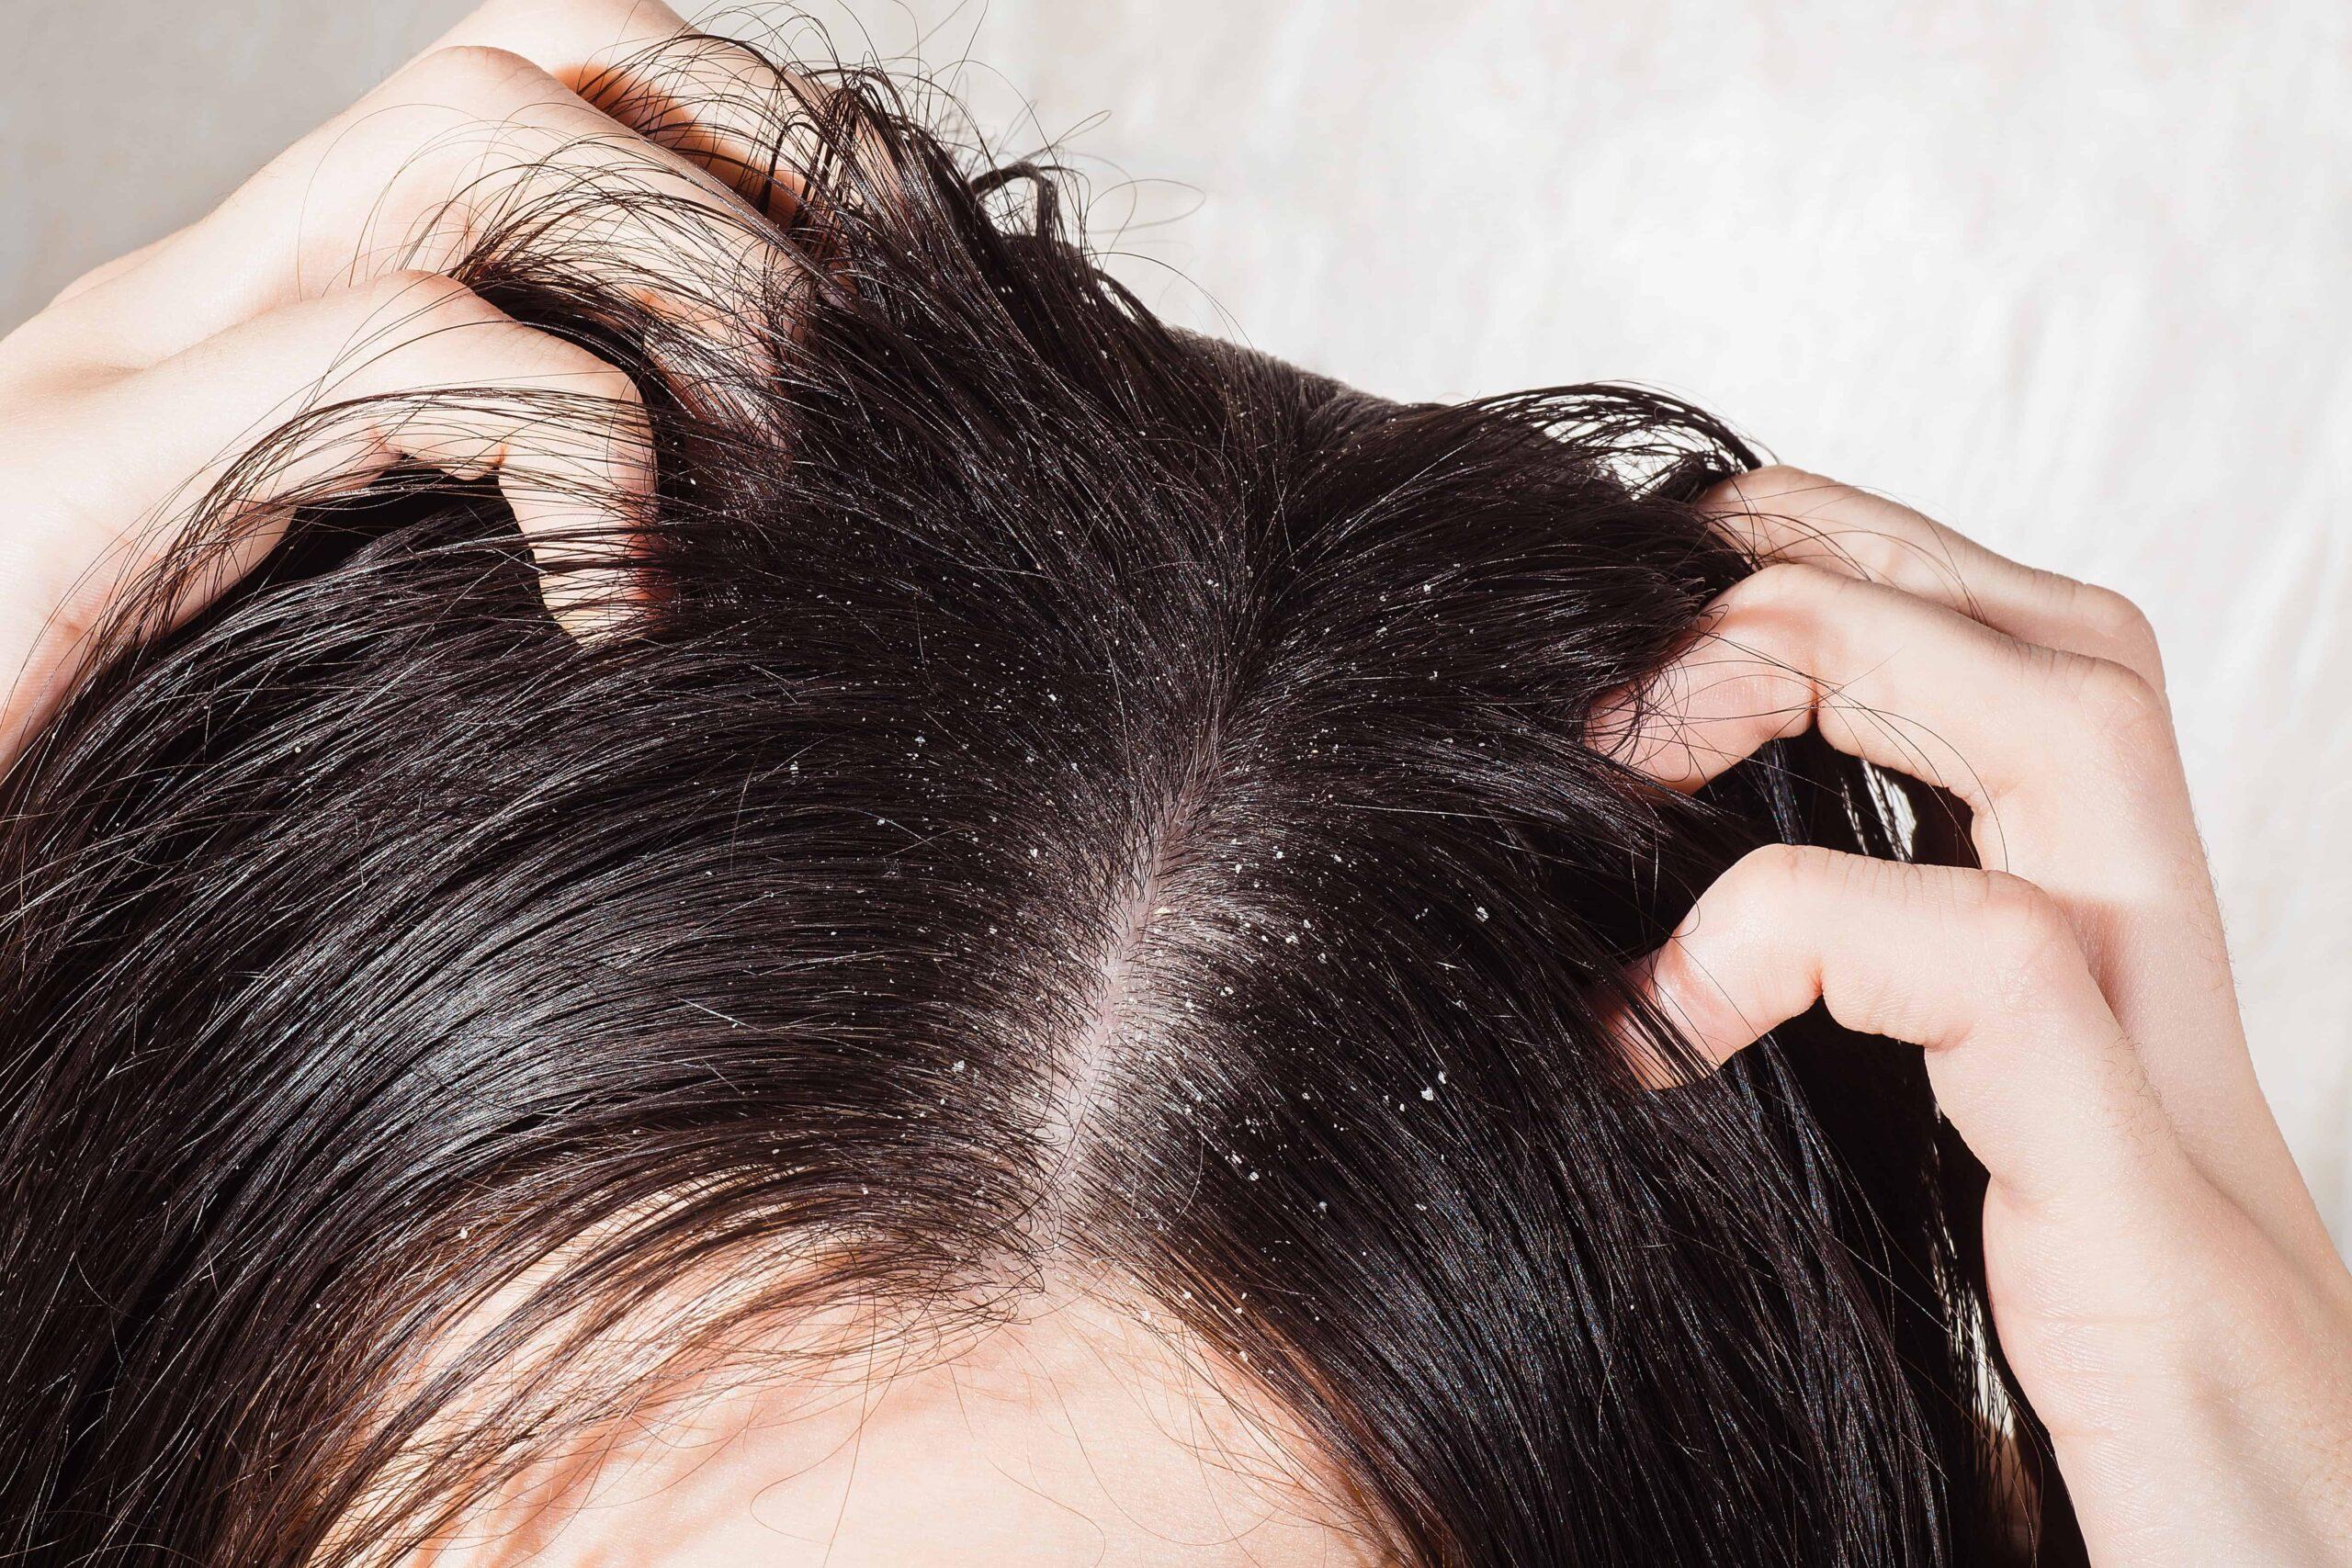 Kopfhaut-mit-Schuppen-scaled